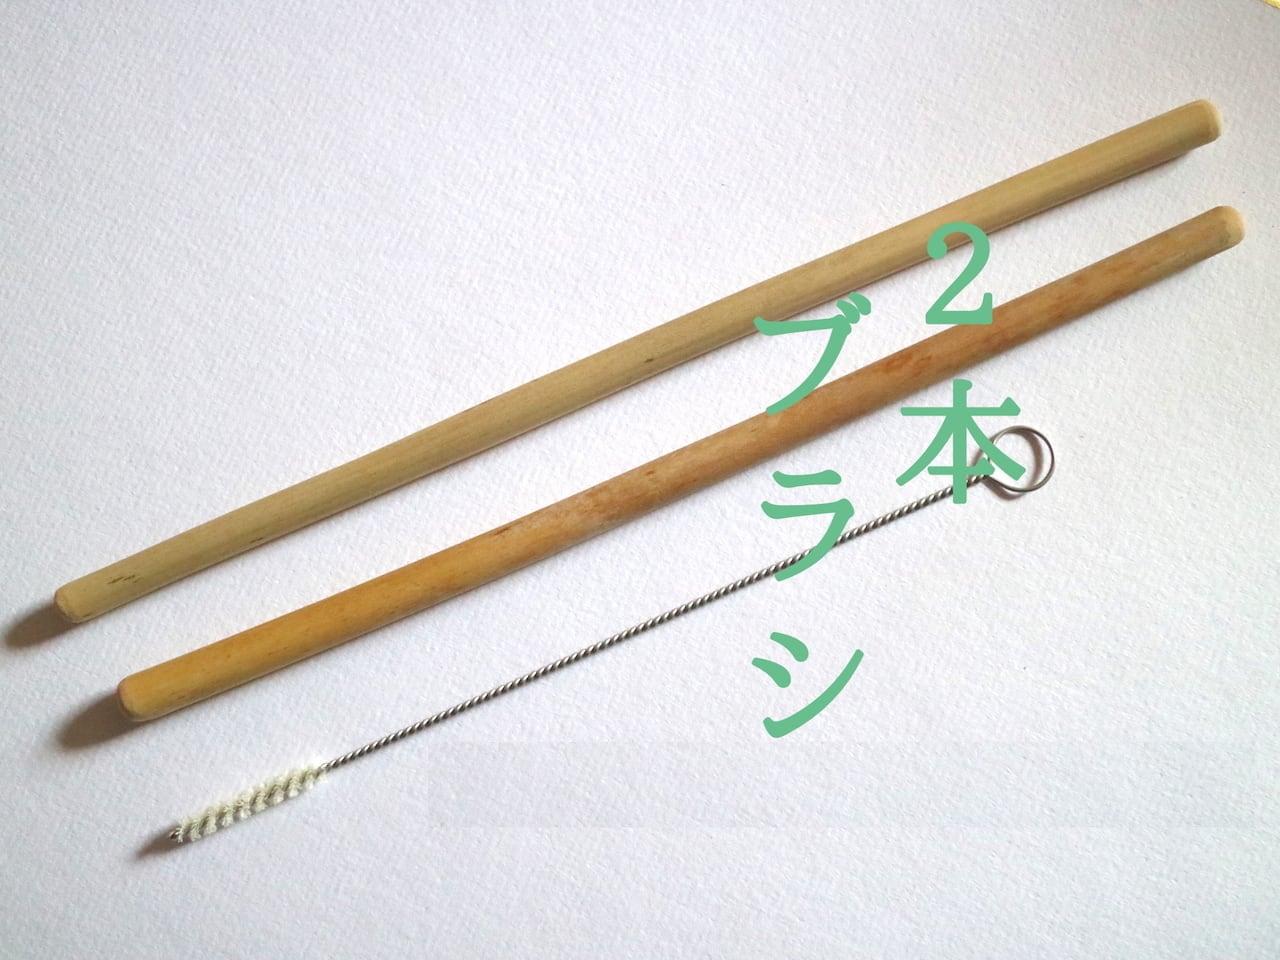 親子竹ストロー20cm_両丸(2本とブラシセット)